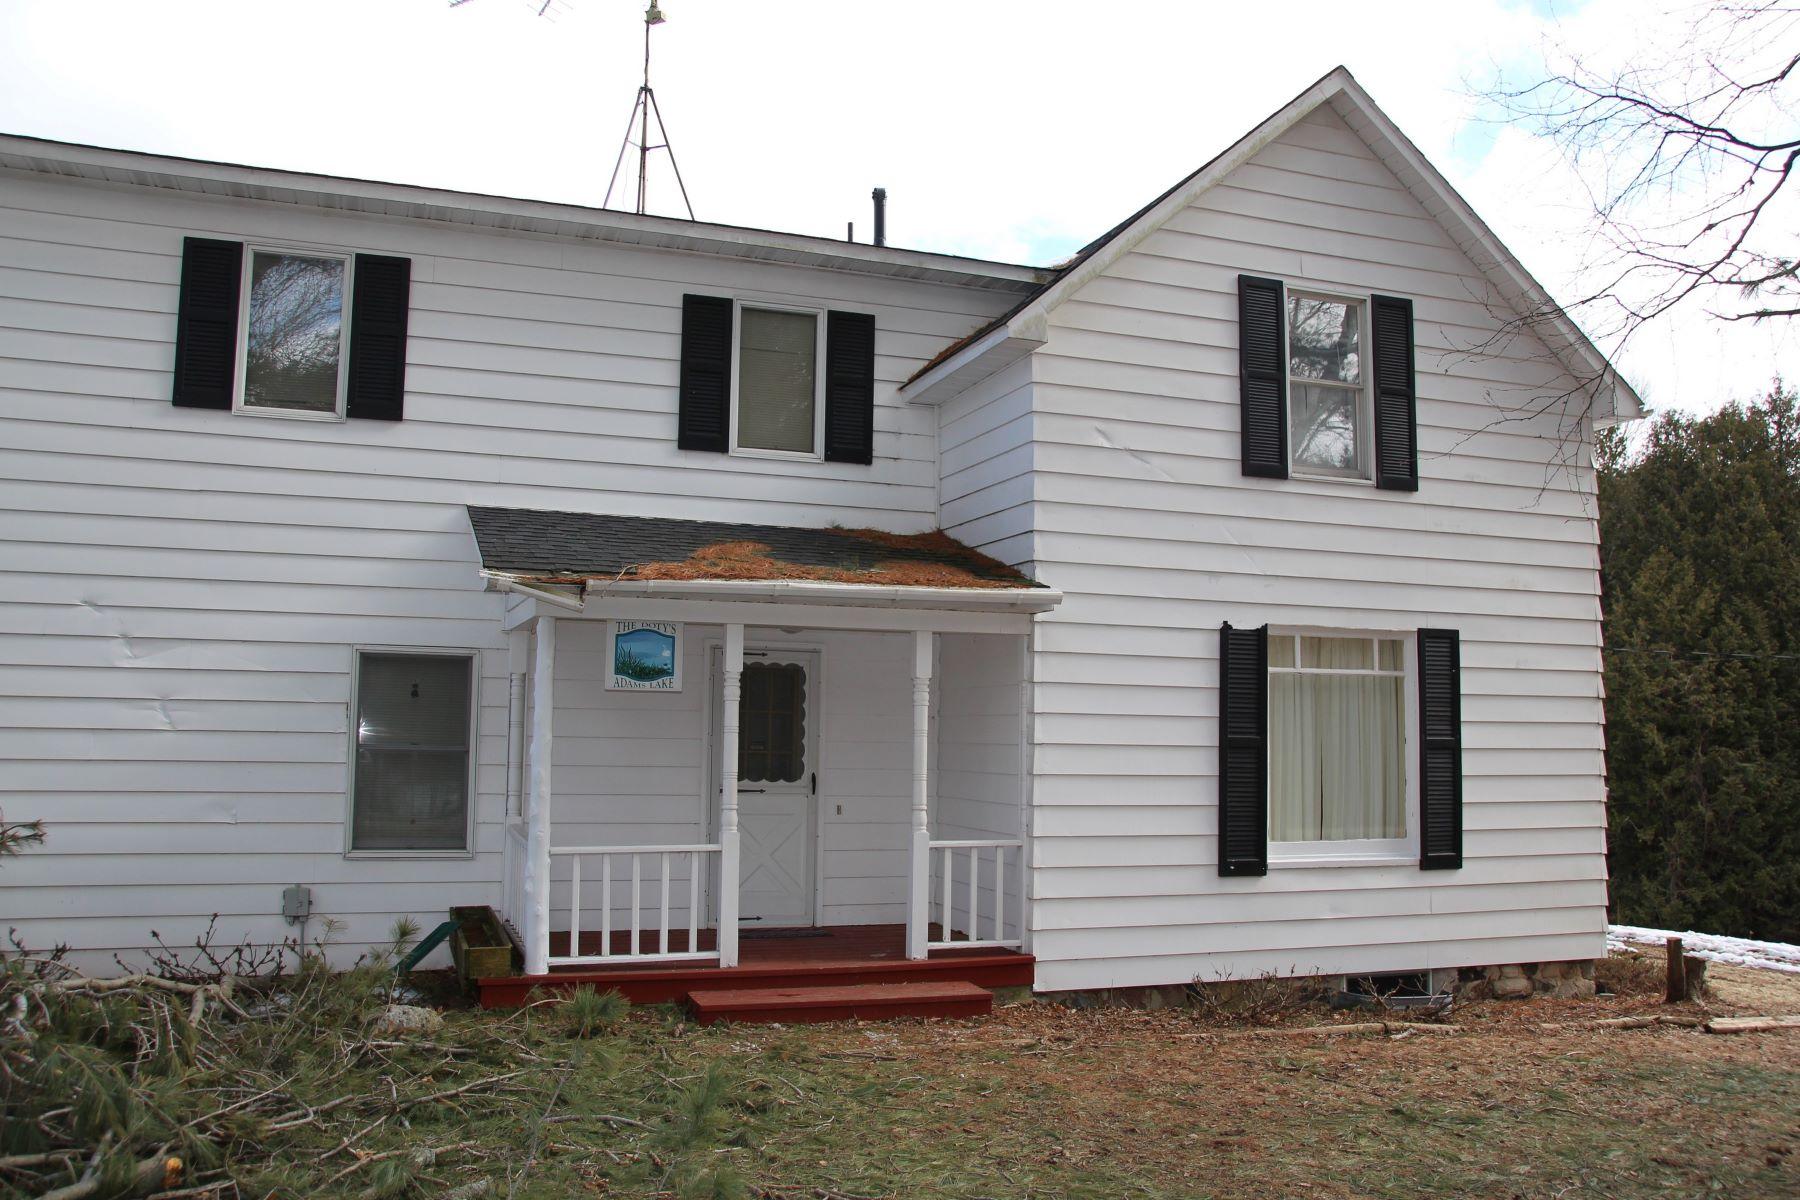 Частный односемейный дом для того Продажа на 03882 Loab Road 03882 Loeb Road, Charlevoix, Мичиган, 49720 Соединенные Штаты